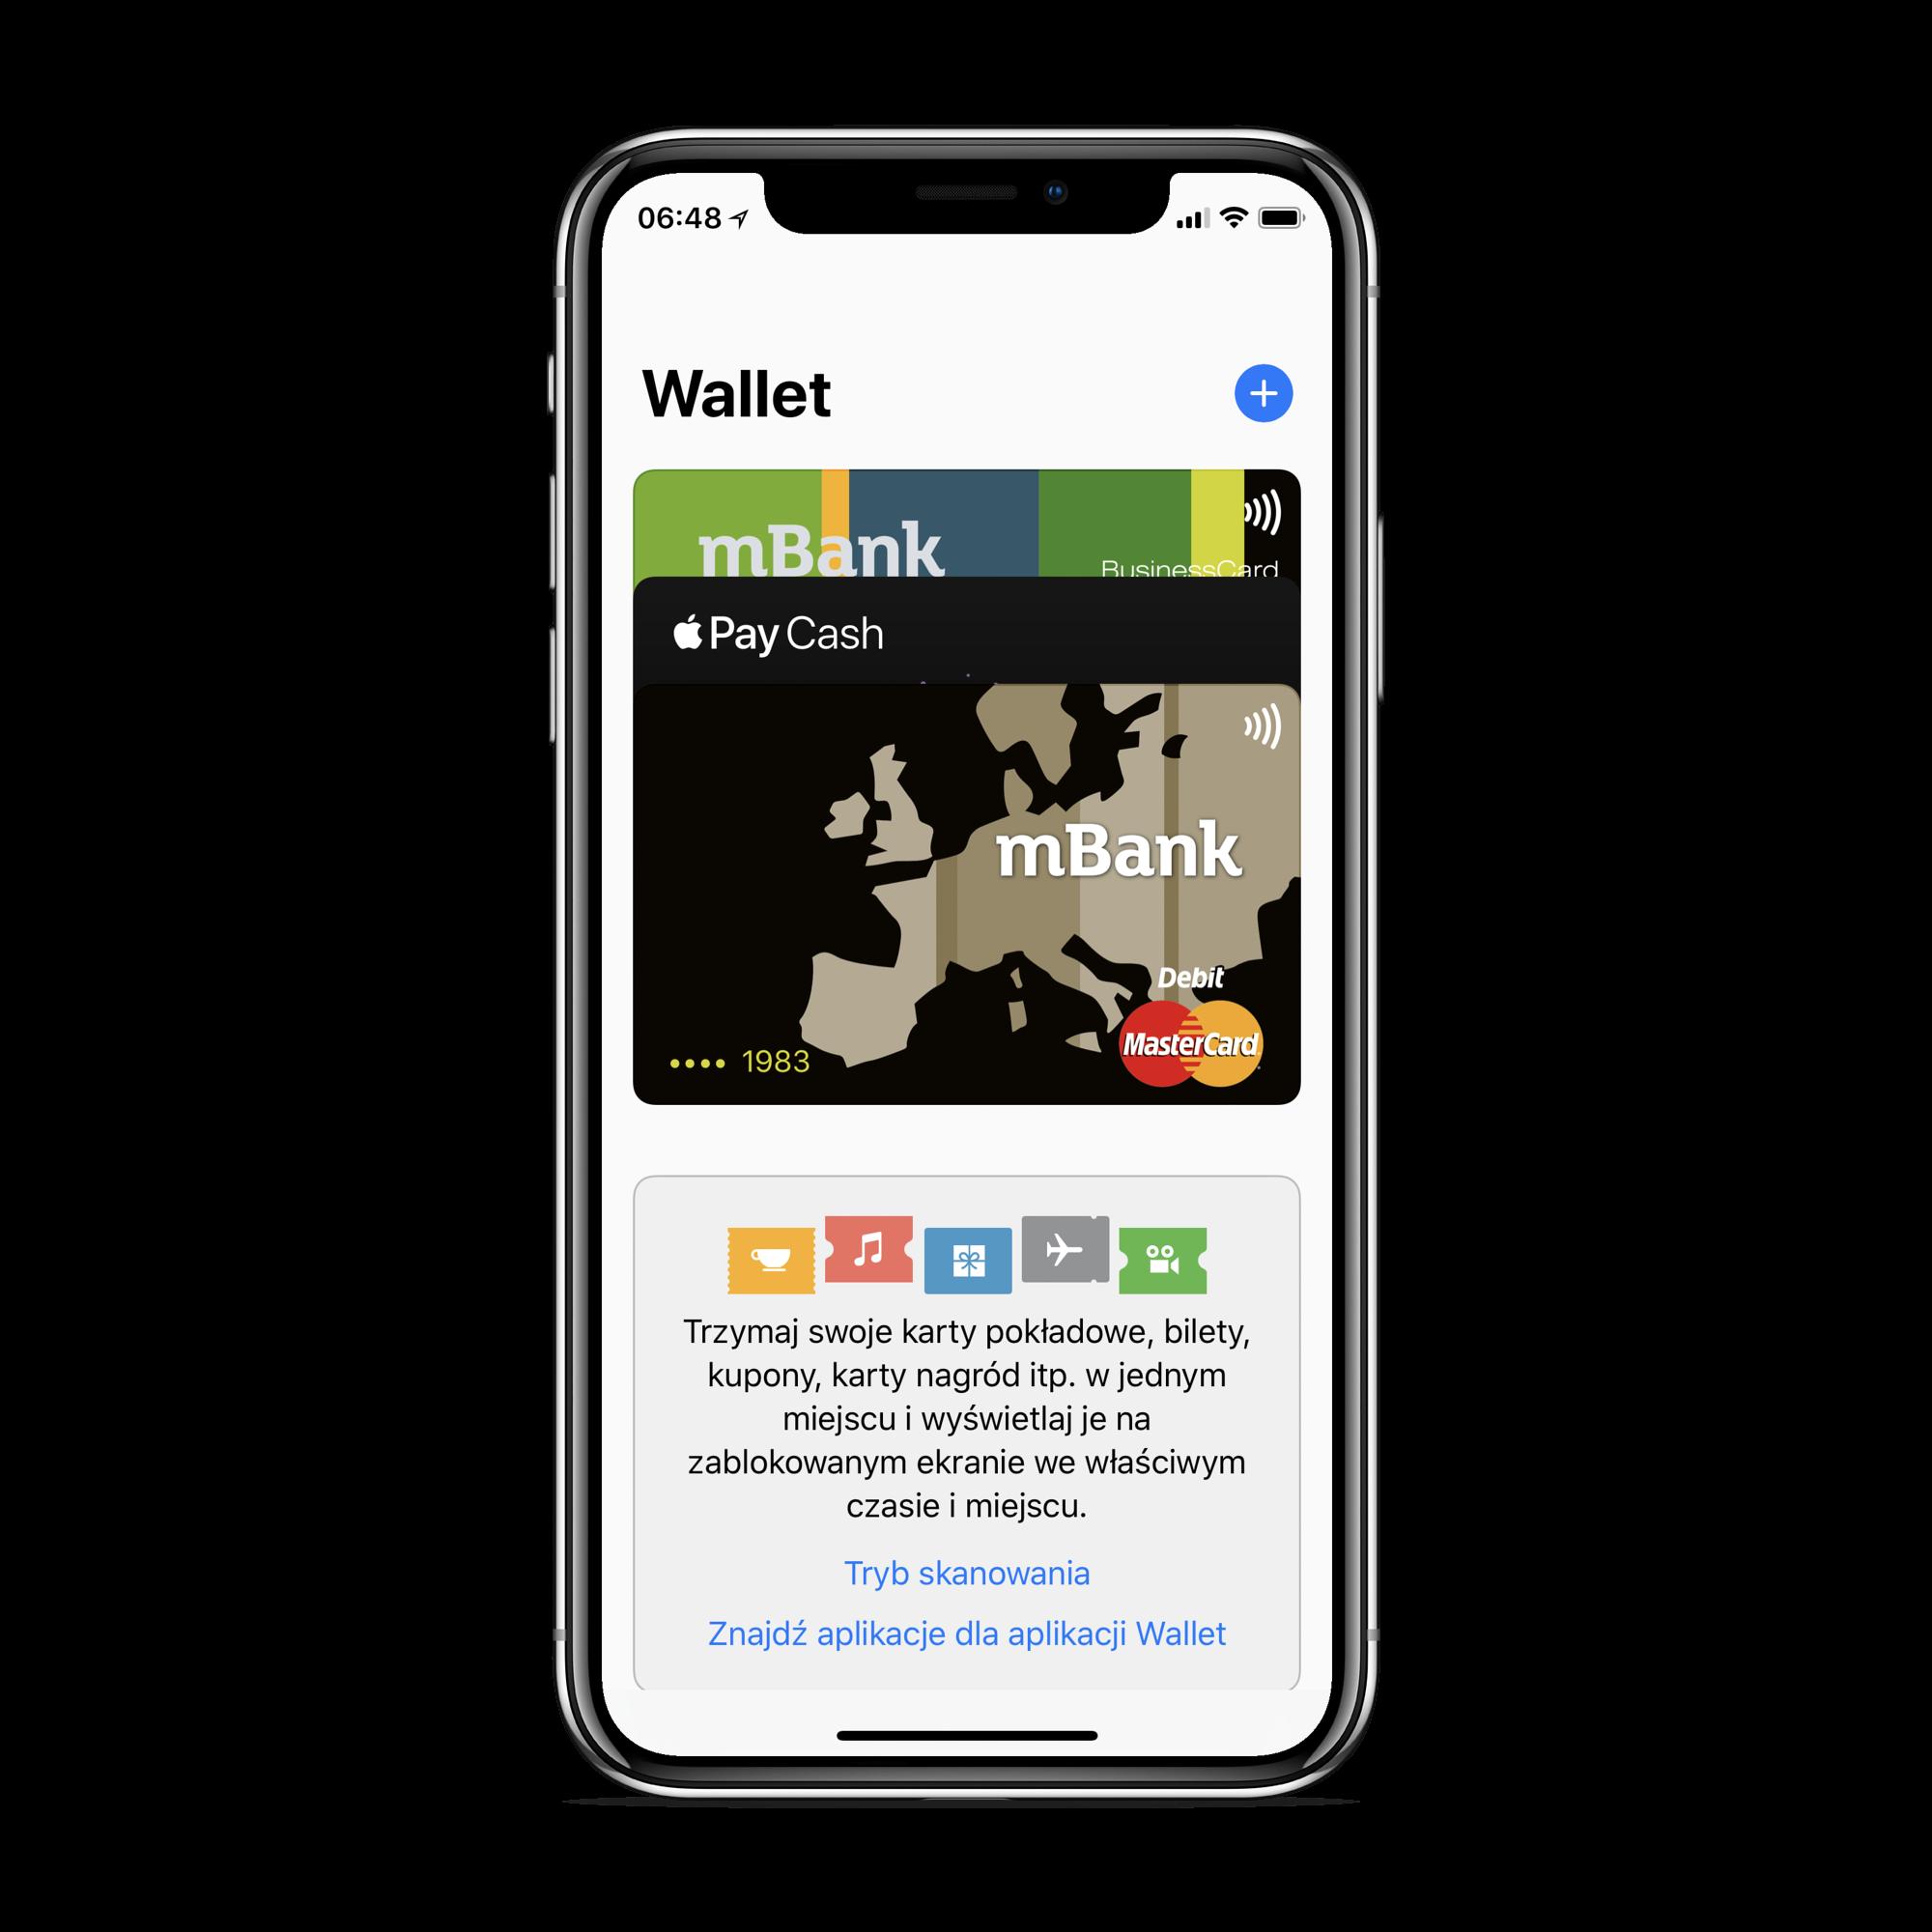 Usługa płatności Apple a pozwala wykorzystać telefon zamiast karty  płatniczej. Wystarczy zbliżyć urządzenie do terminalu, by zrealizować  płatność za zakupy ... 7bf170de09cc